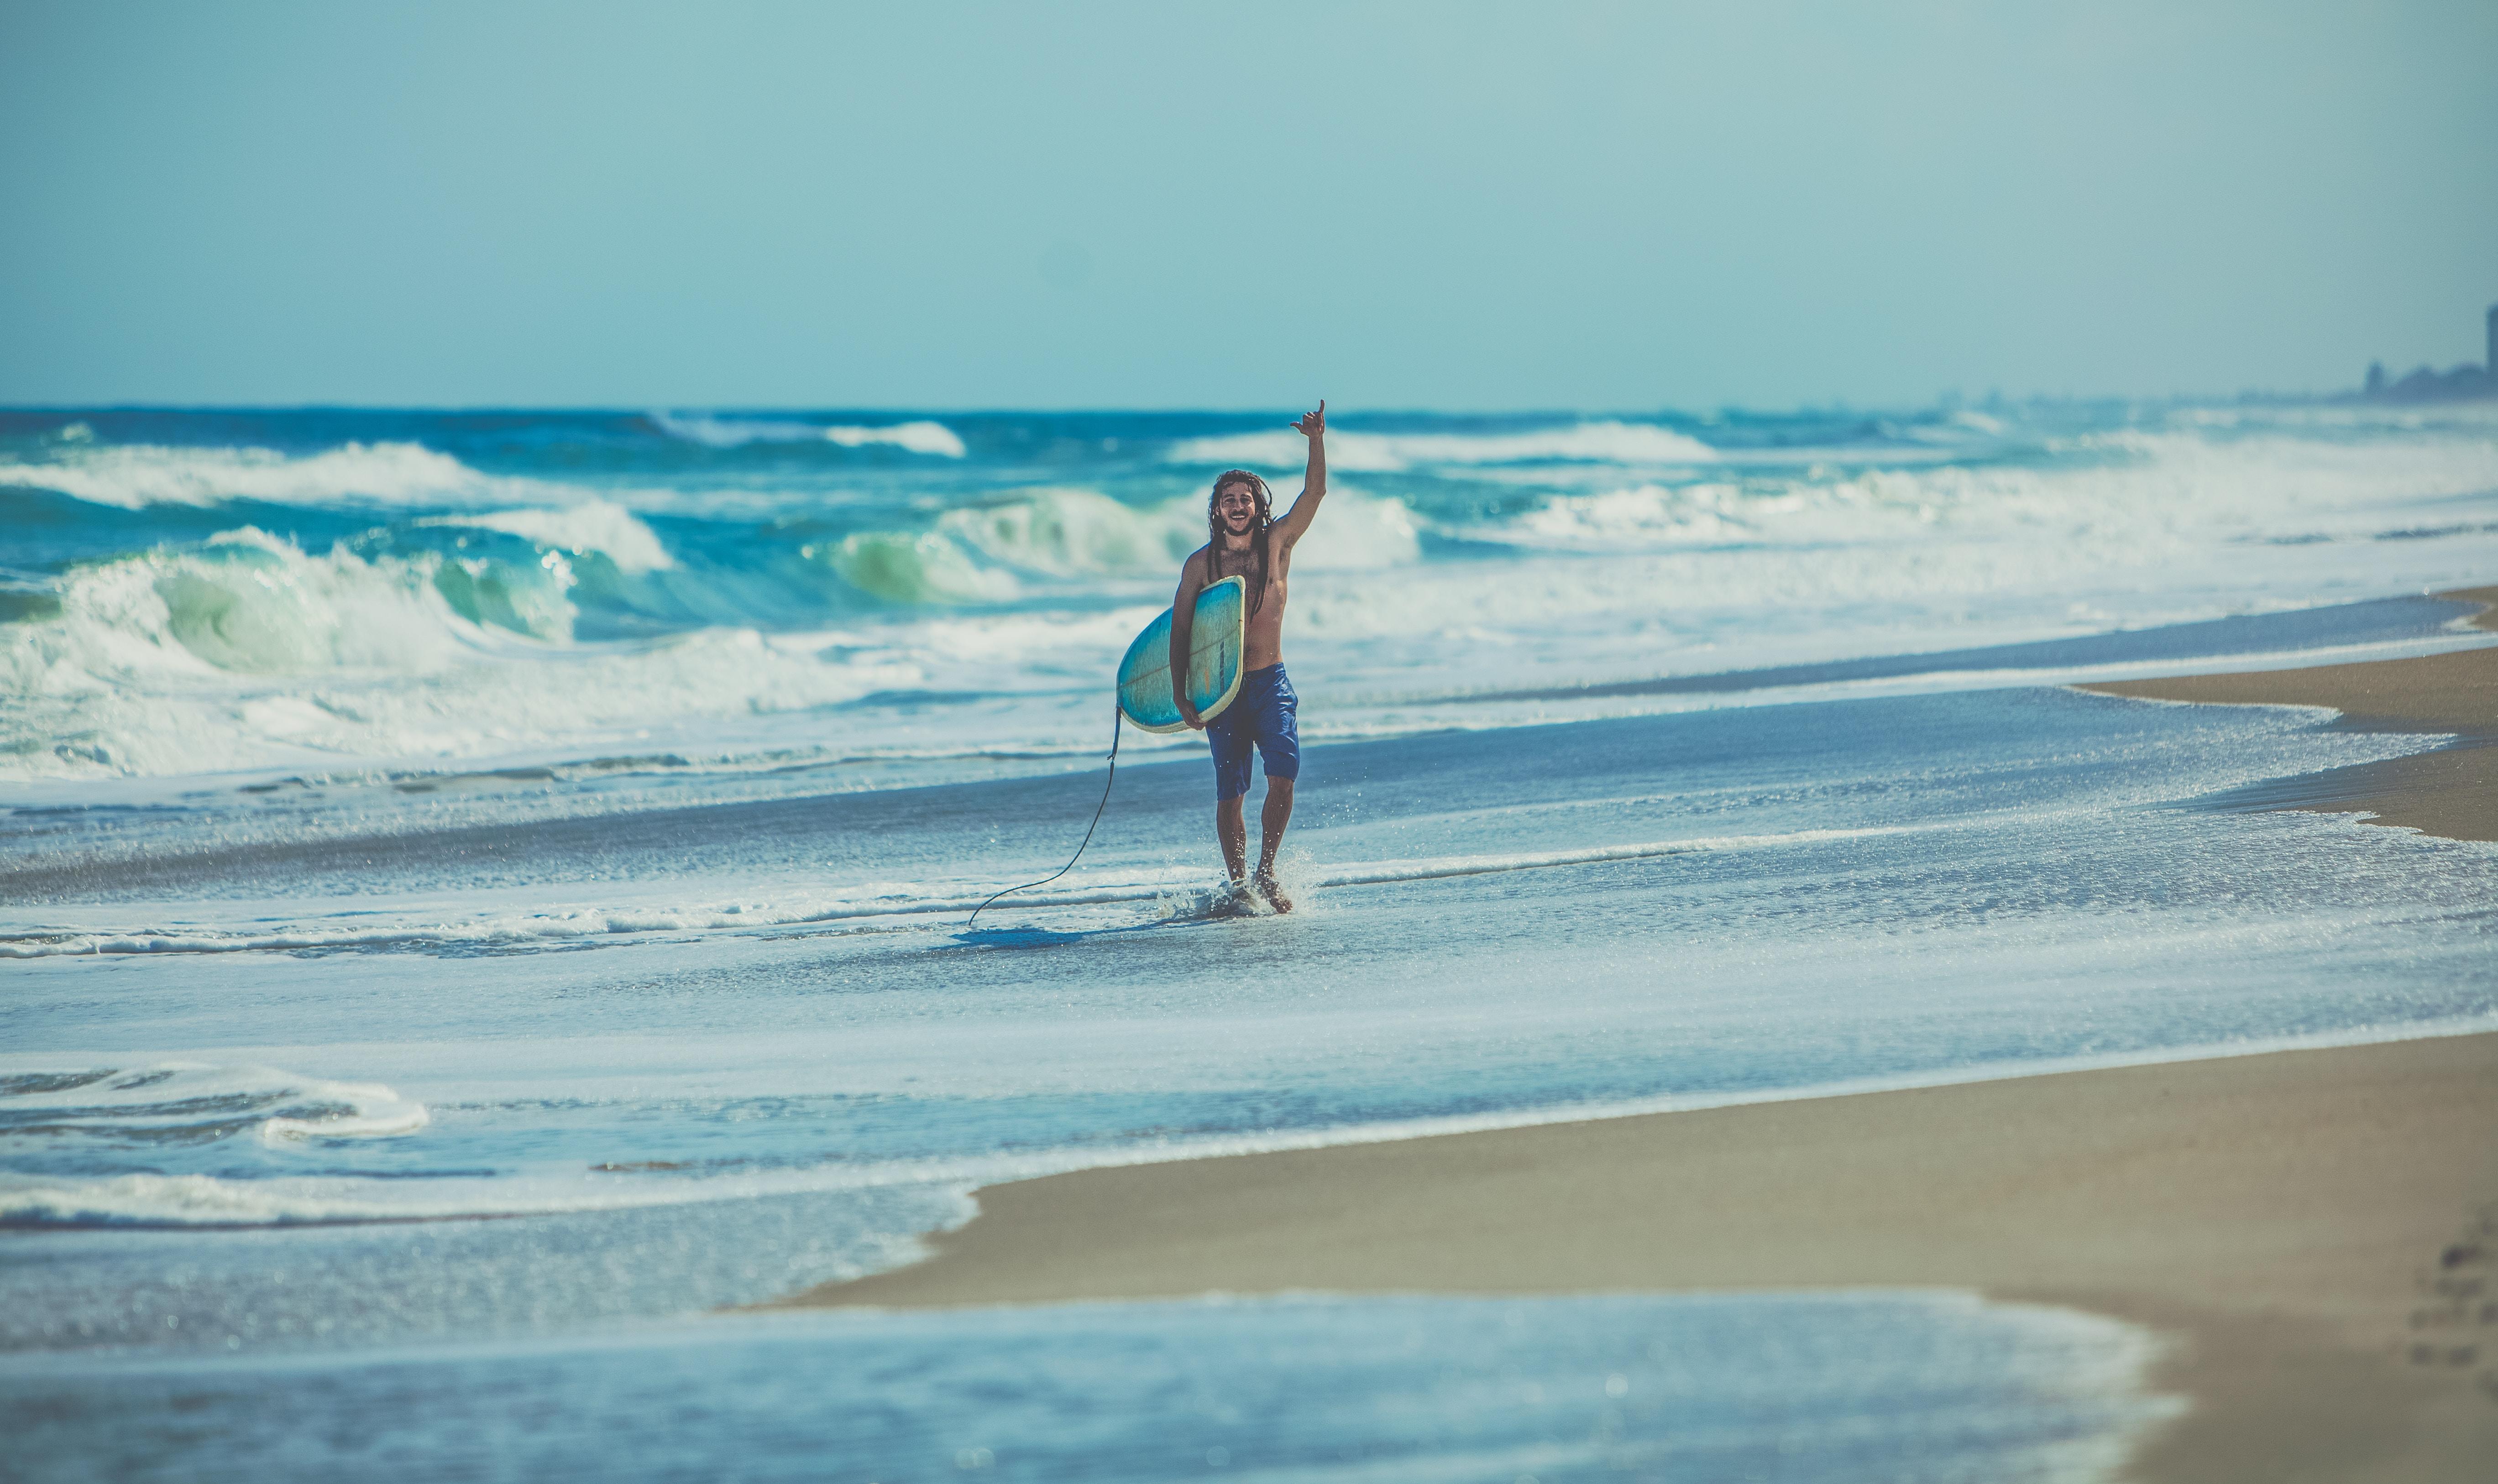 surfer am strand von baler hang loose zeichen